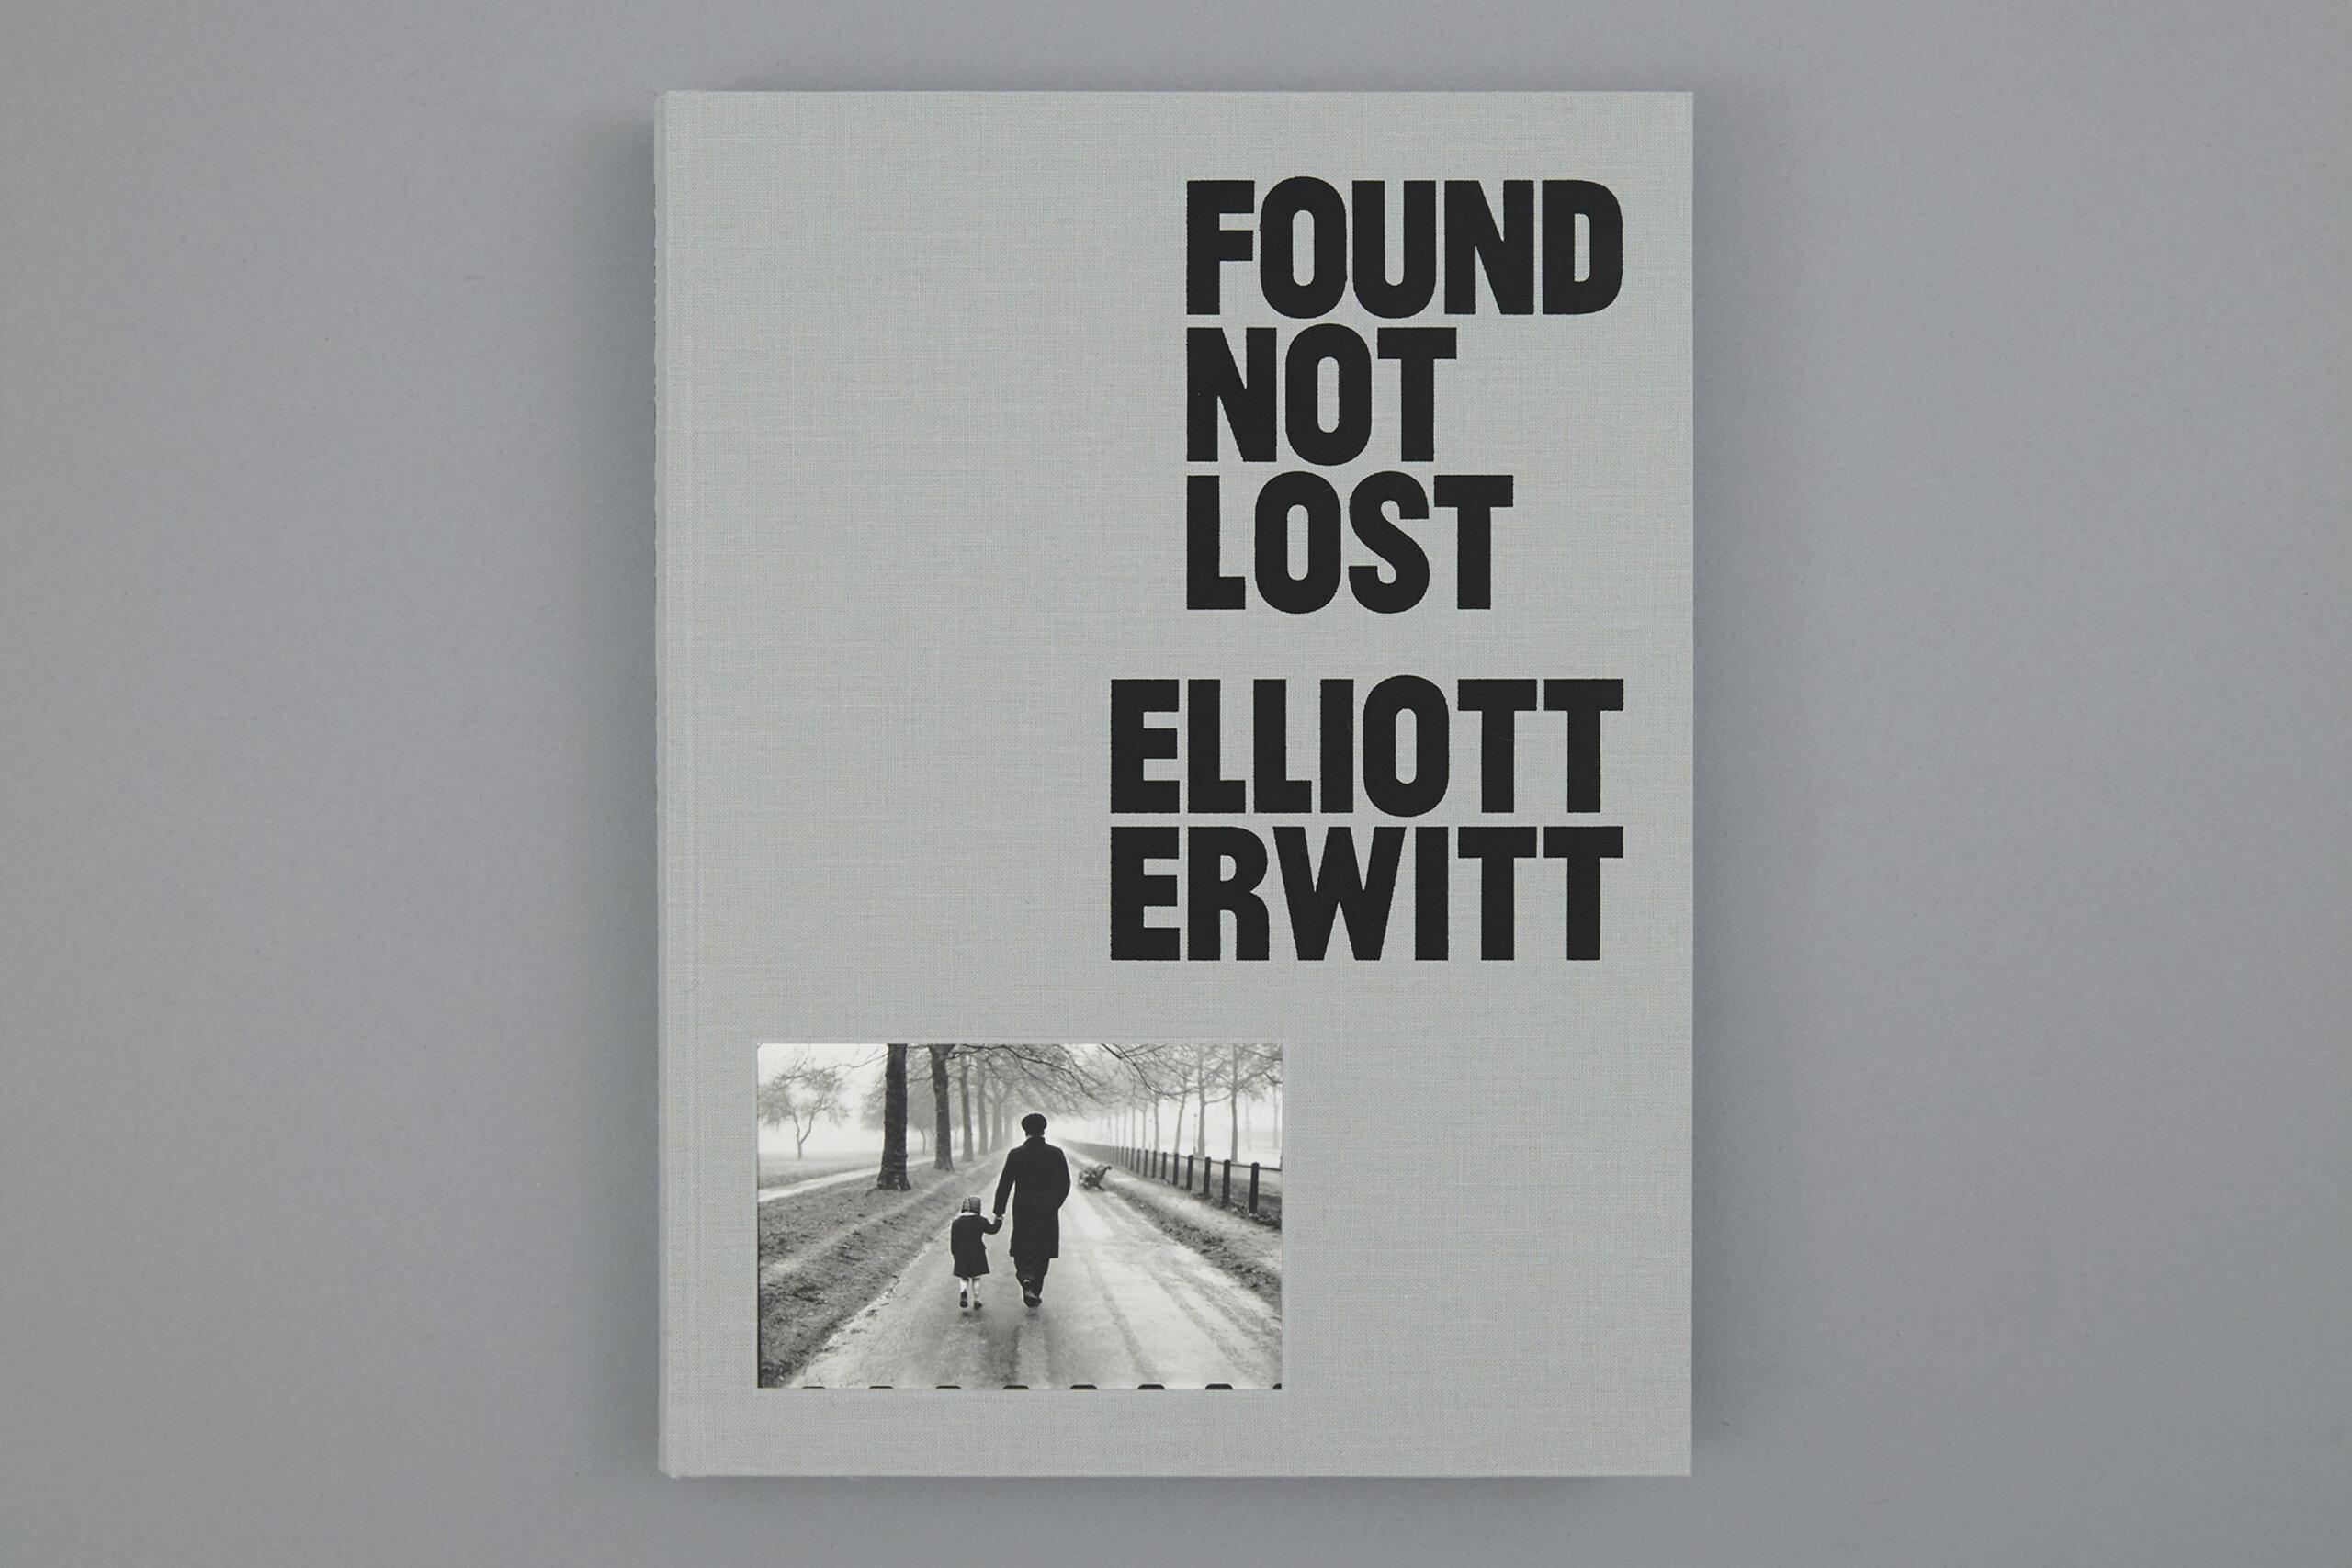 erwitt-found-not-lost